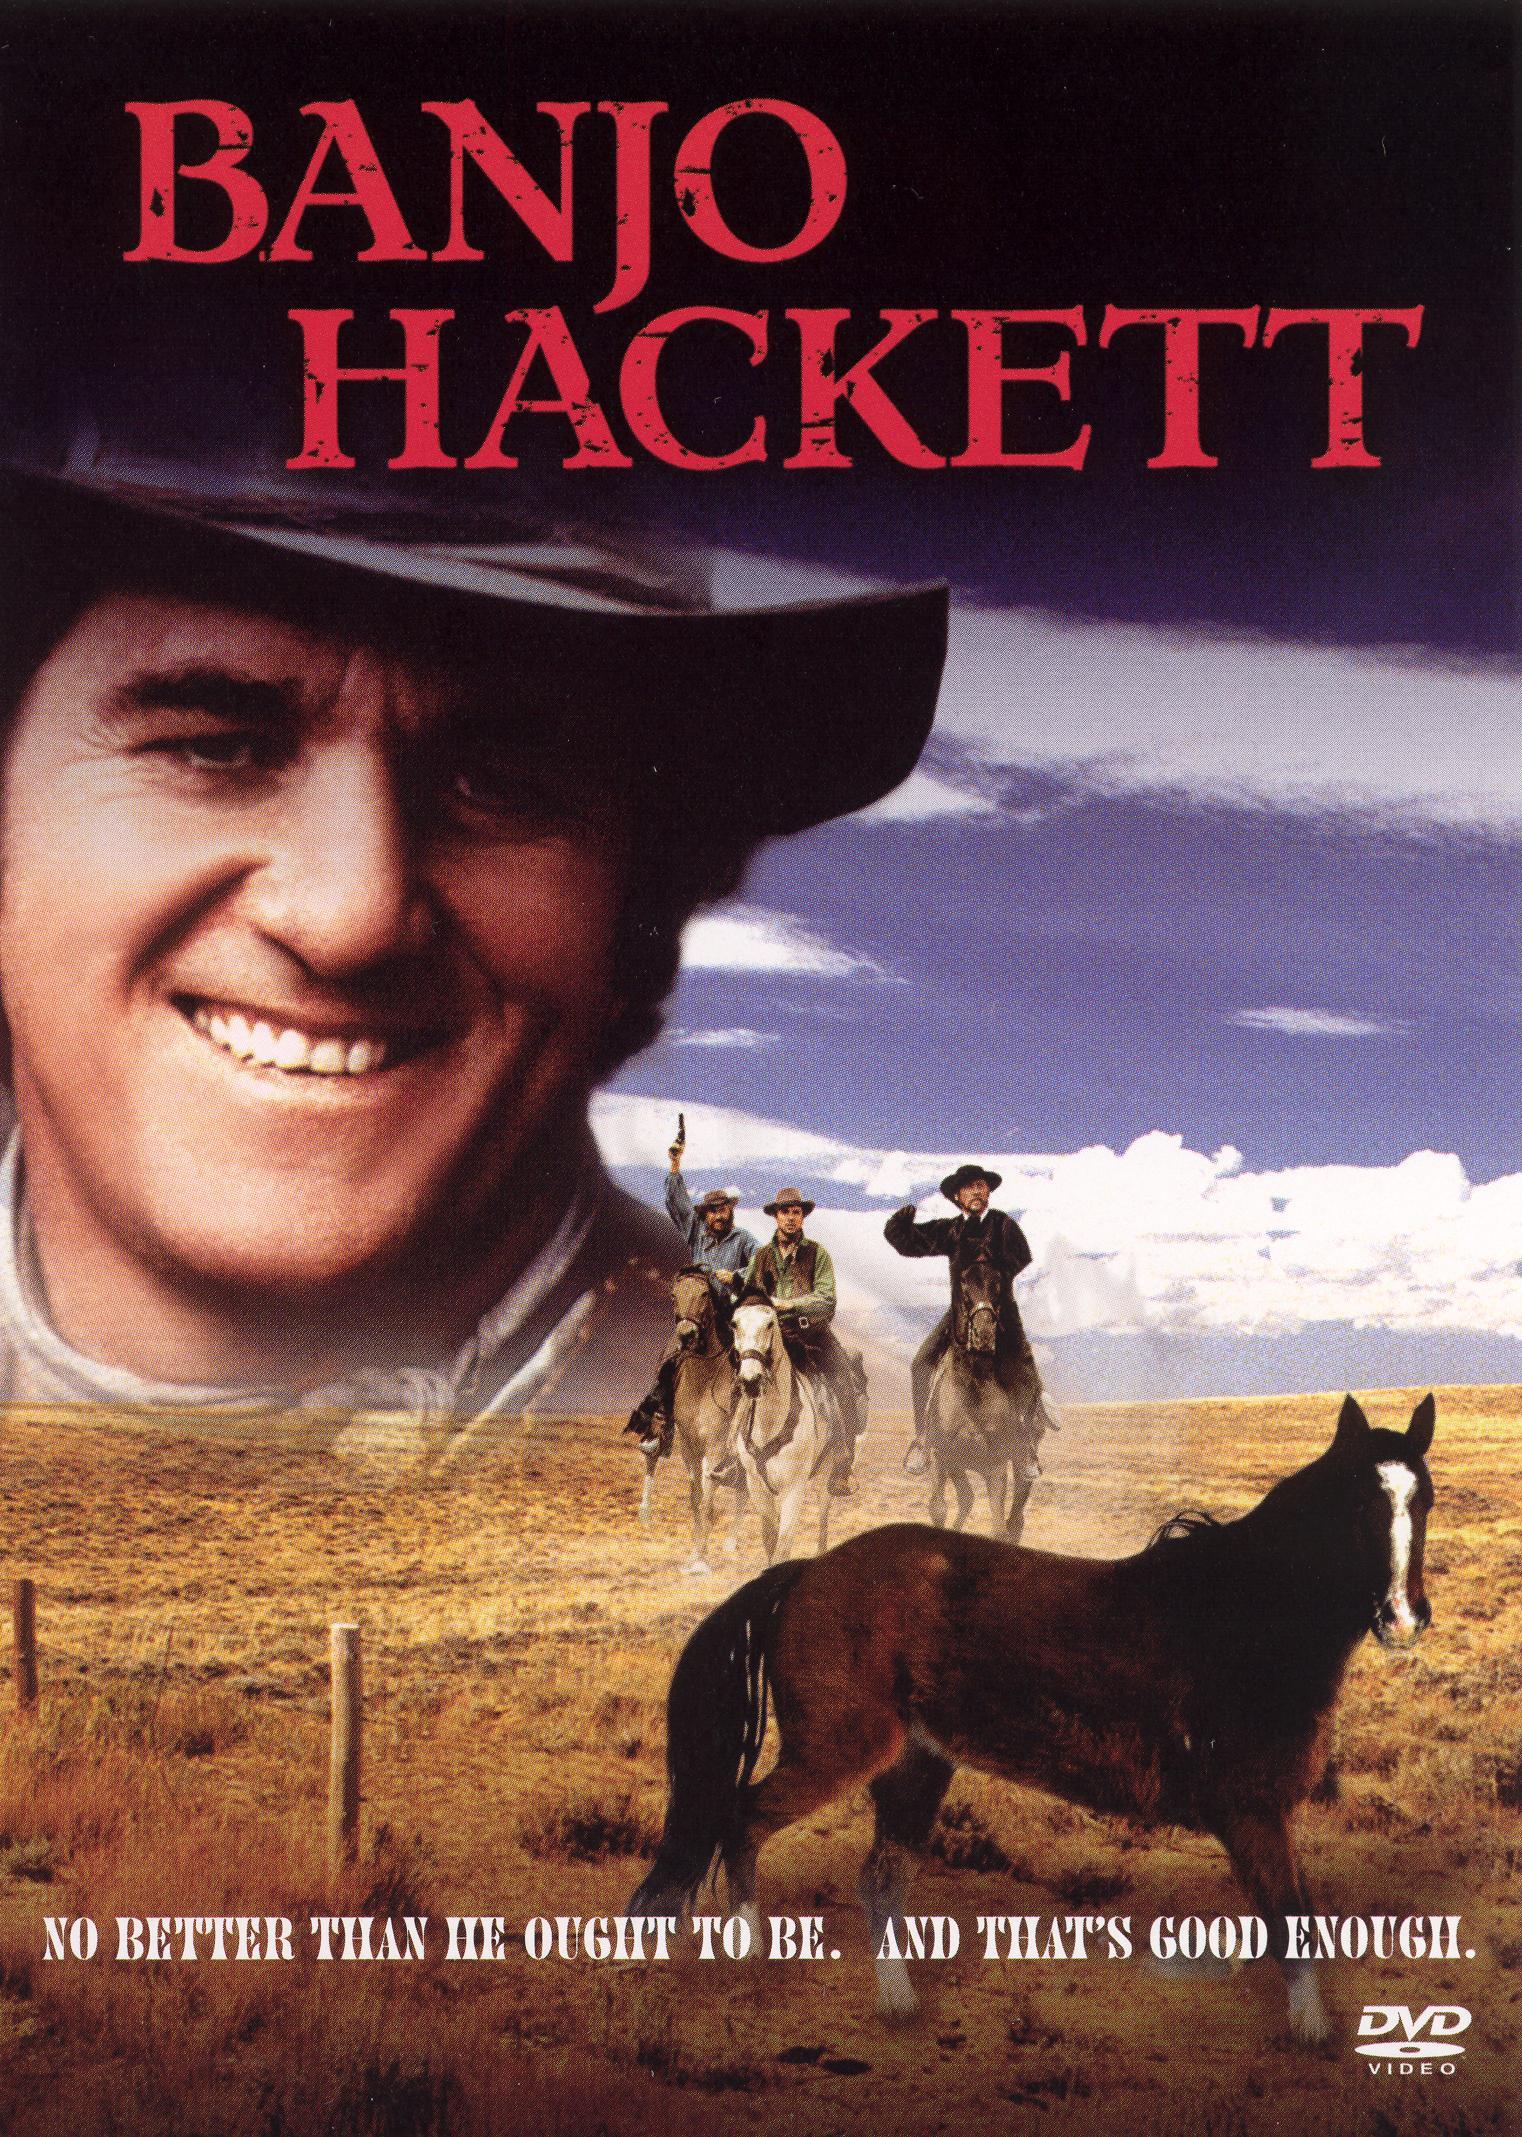 Banjo Hackett